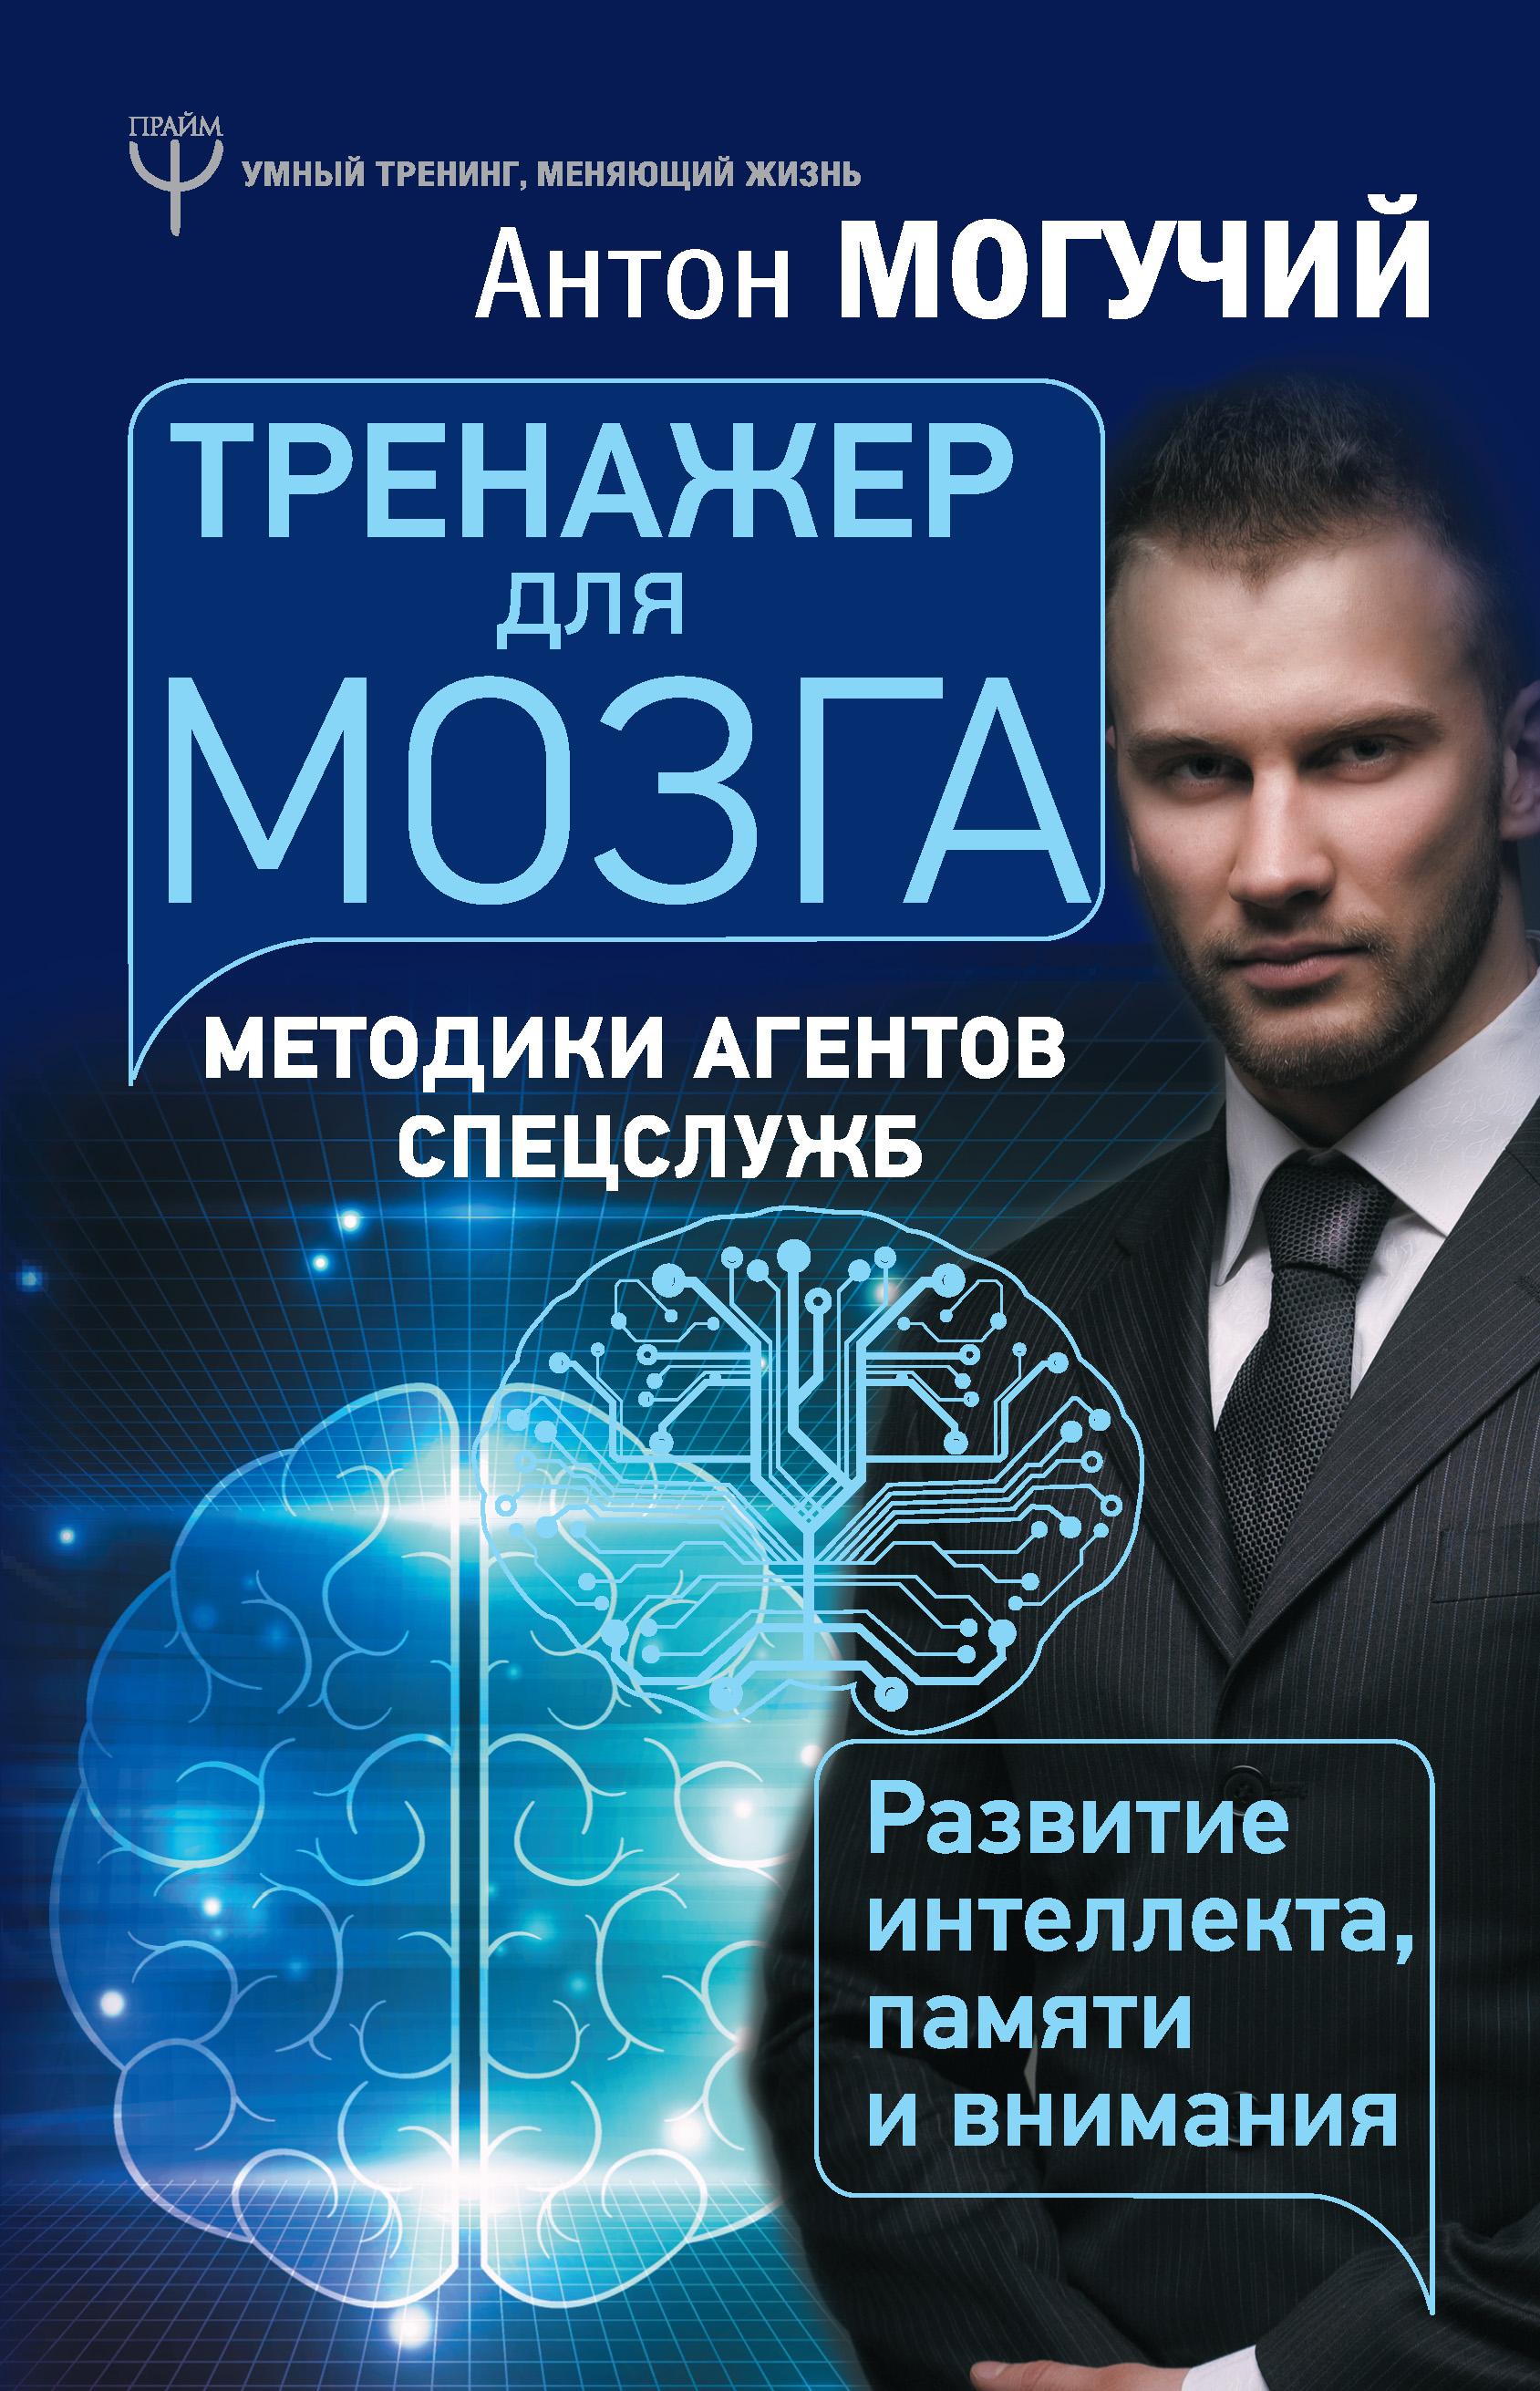 Антон Могучий «Тренажер для мозга. Методики агентов спецслужб – развитие интеллекта, памяти и внимания»